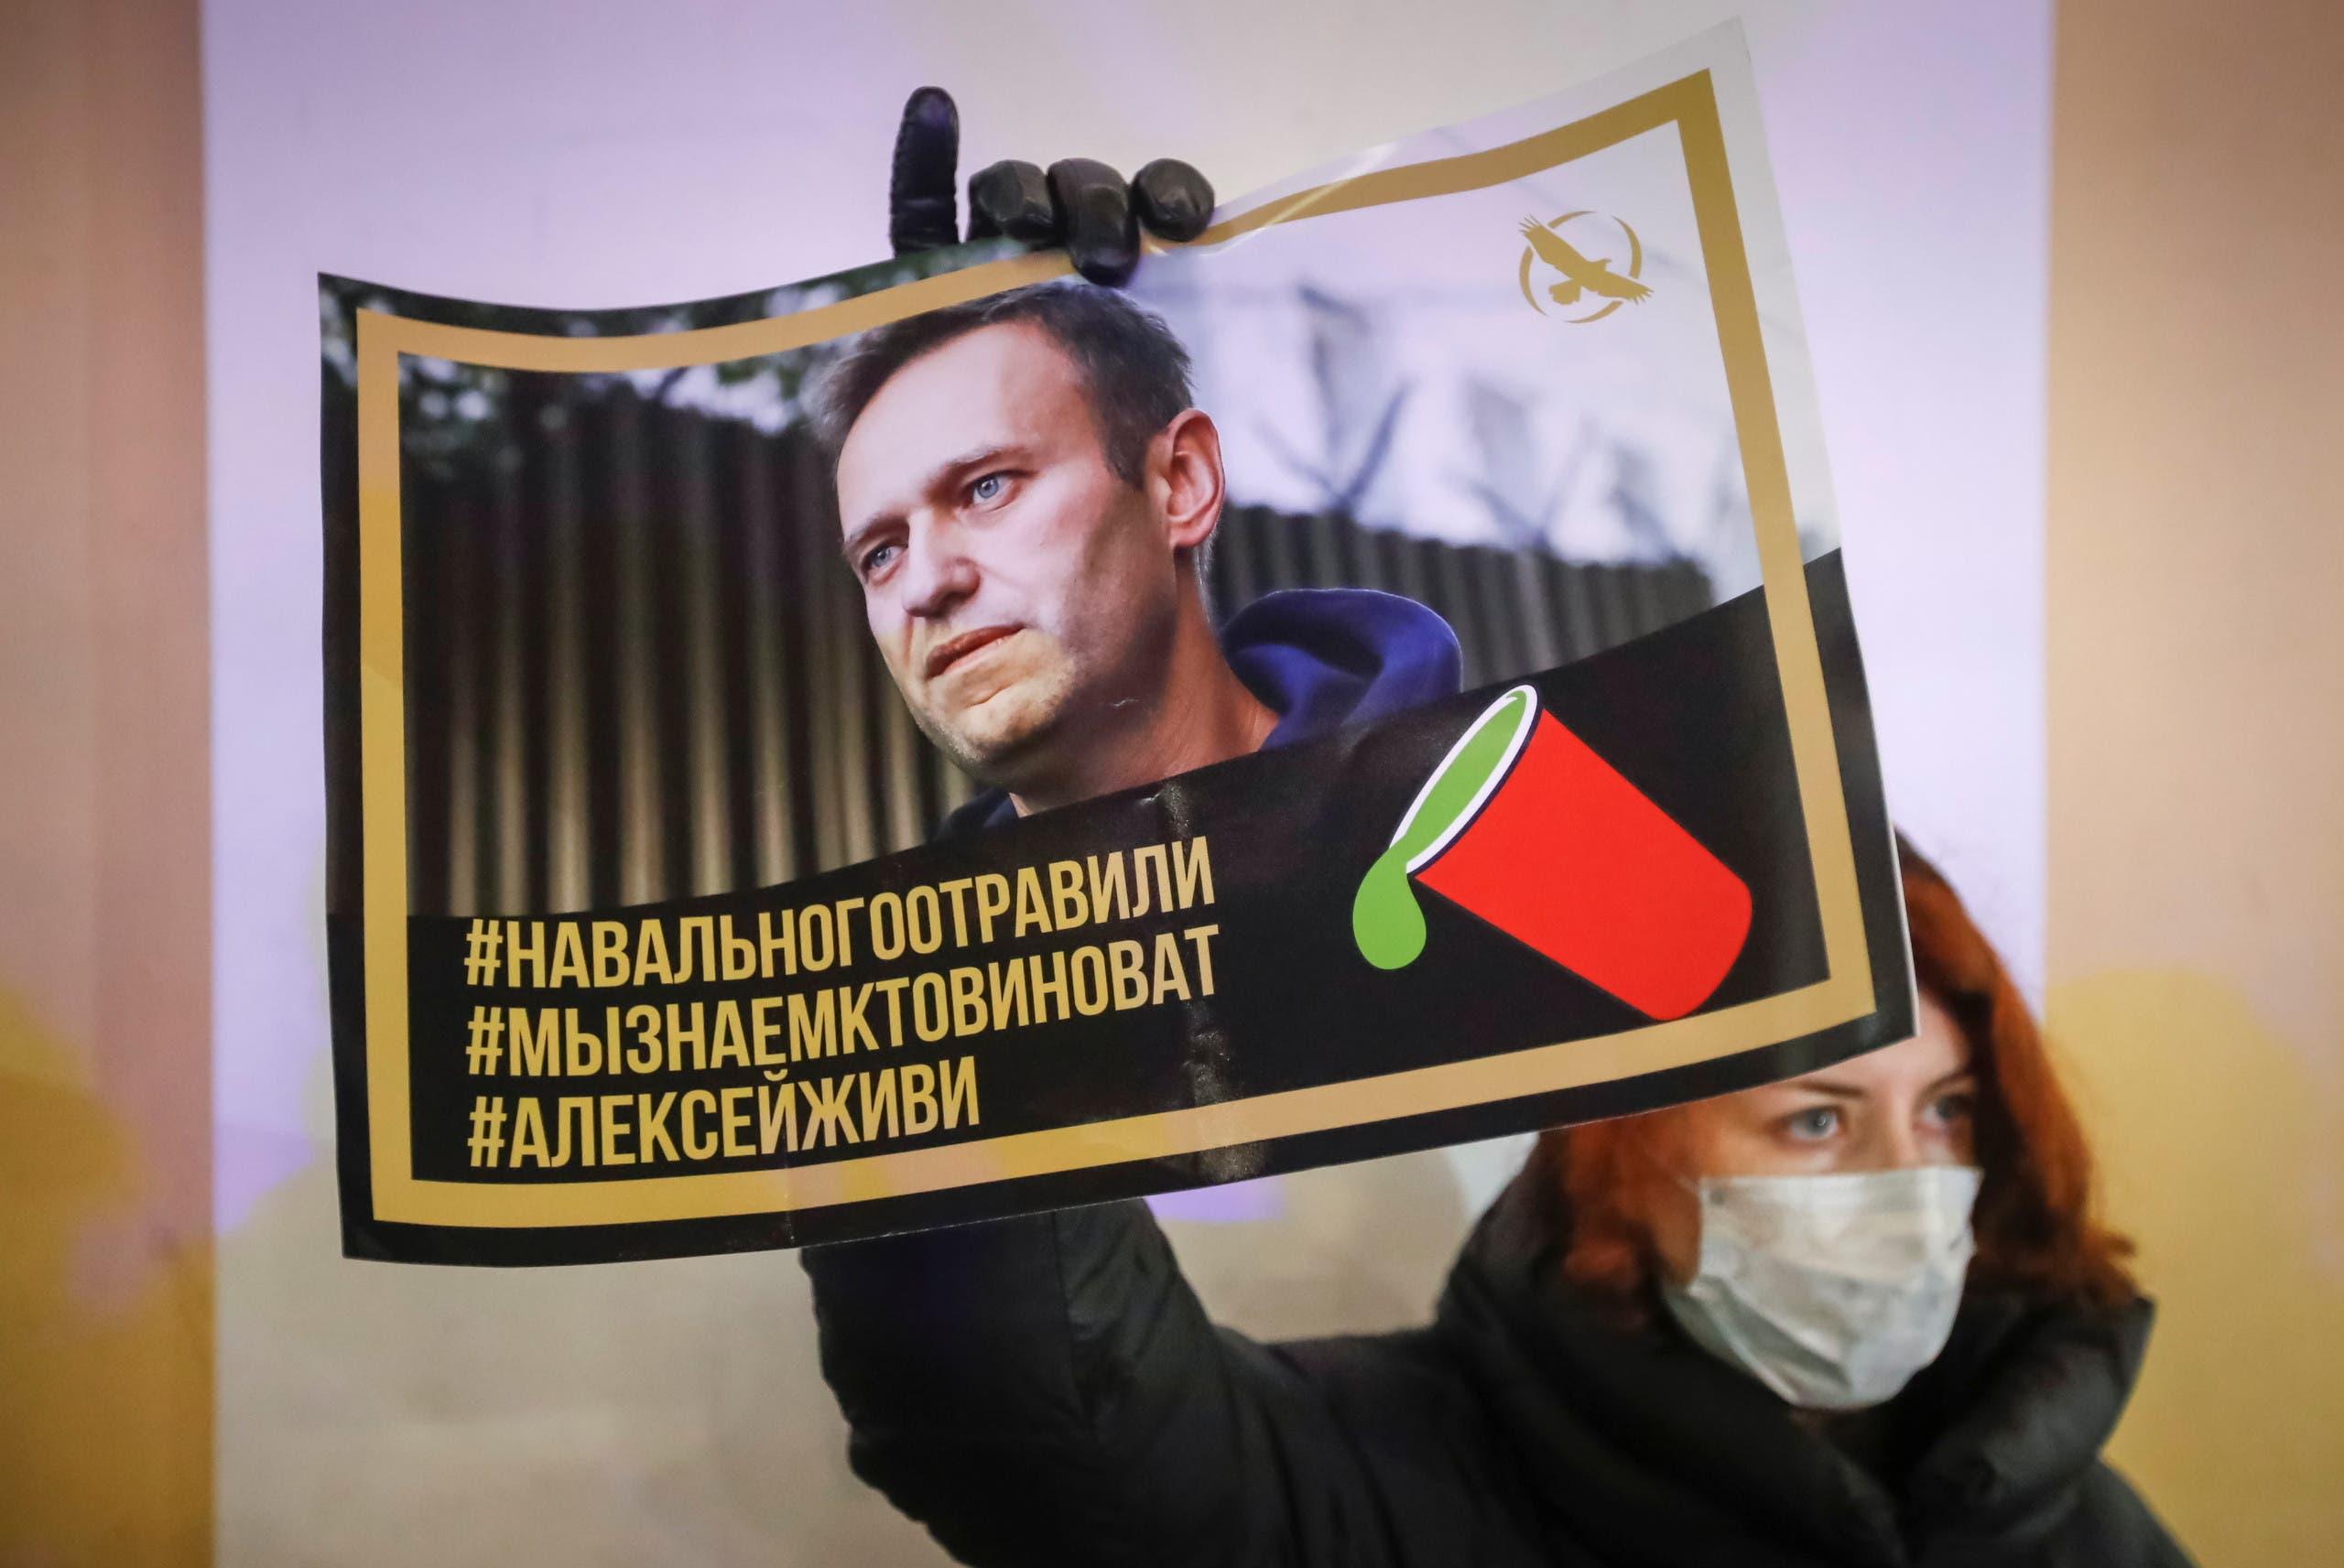 مناصرة لنافالني ترفع صورته في سان بطرسبرغ في ديسمبر الماضي